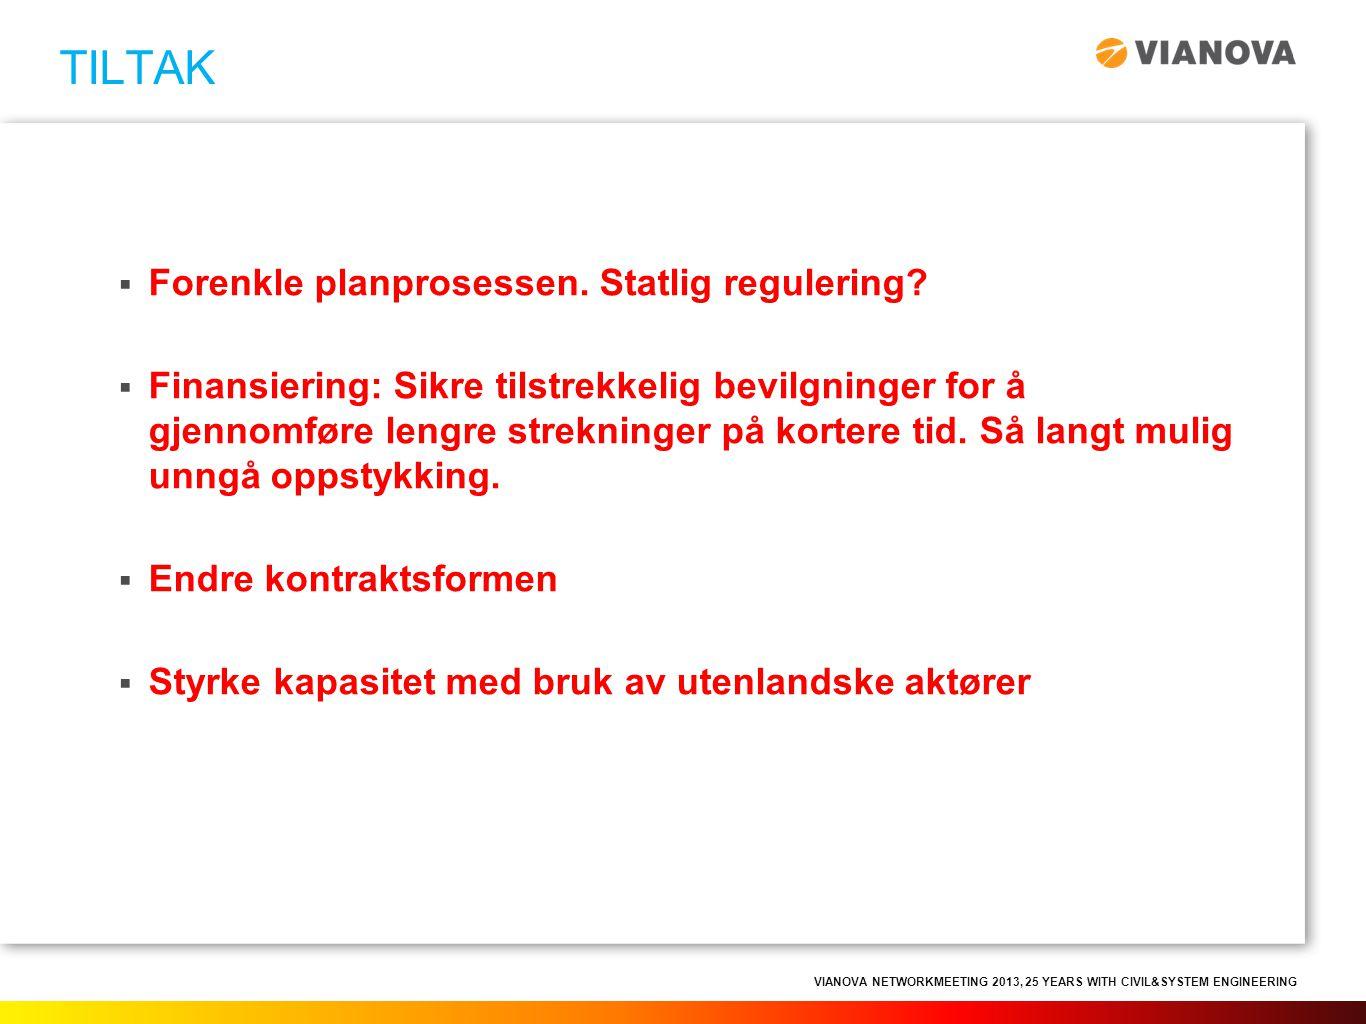 VIANOVA NETWORKMEETING 2013, 25 YEARS WITH CIVIL&SYSTEM ENGINEERING  Forenkle planprosessen. Statlig regulering?  Finansiering: Sikre tilstrekkelig